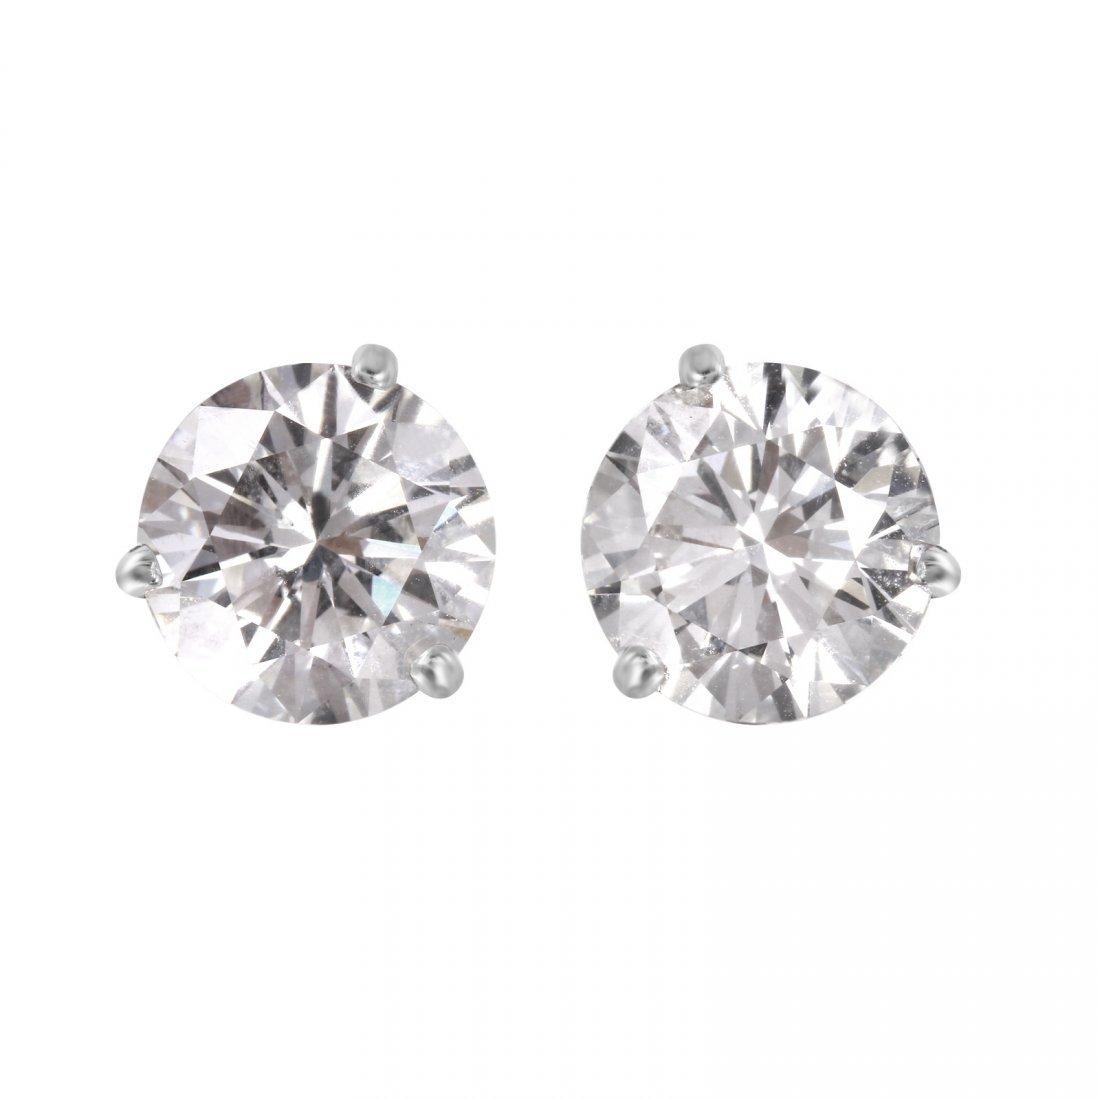 14KT White Gold Diamond Stud Earrings - #1696